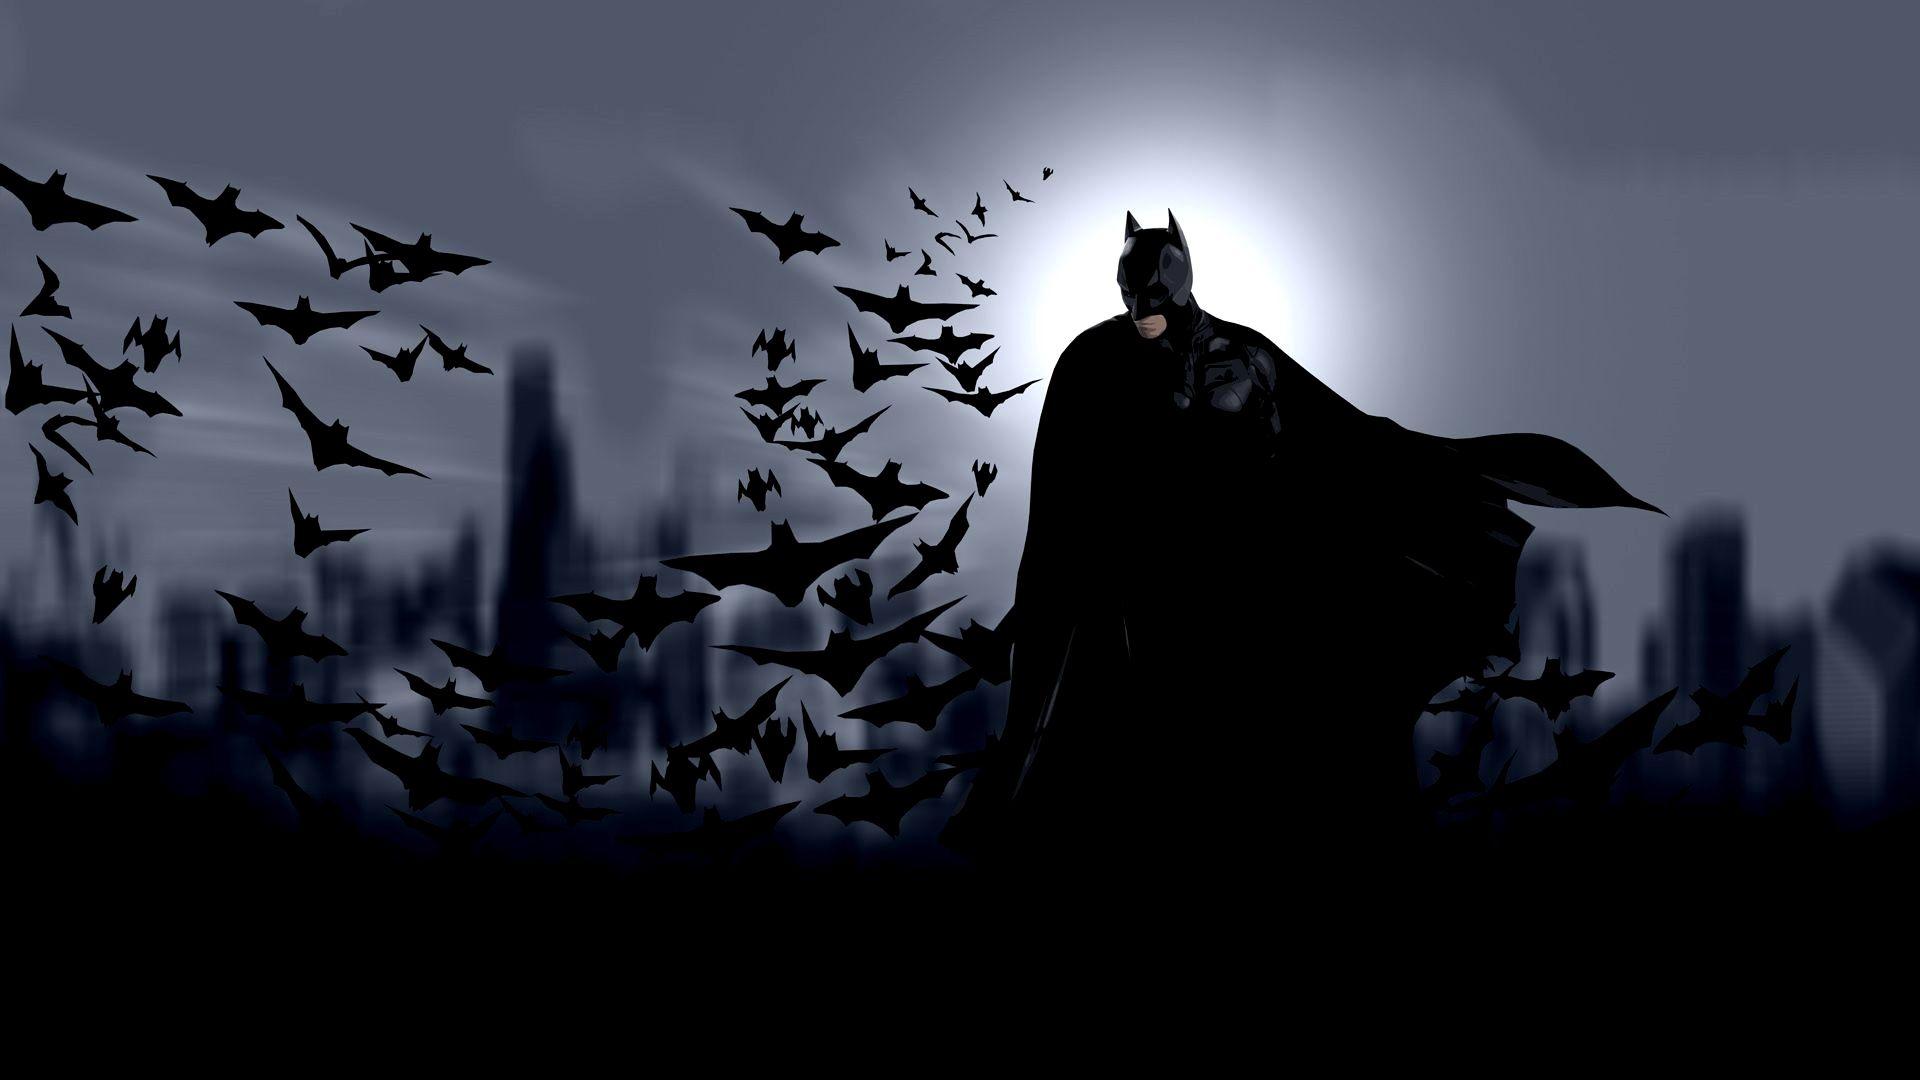 Wallpaper 4k Batman Ideas Batman Comic Wallpaper Batman Backgrounds Hd Batman Wallpaper